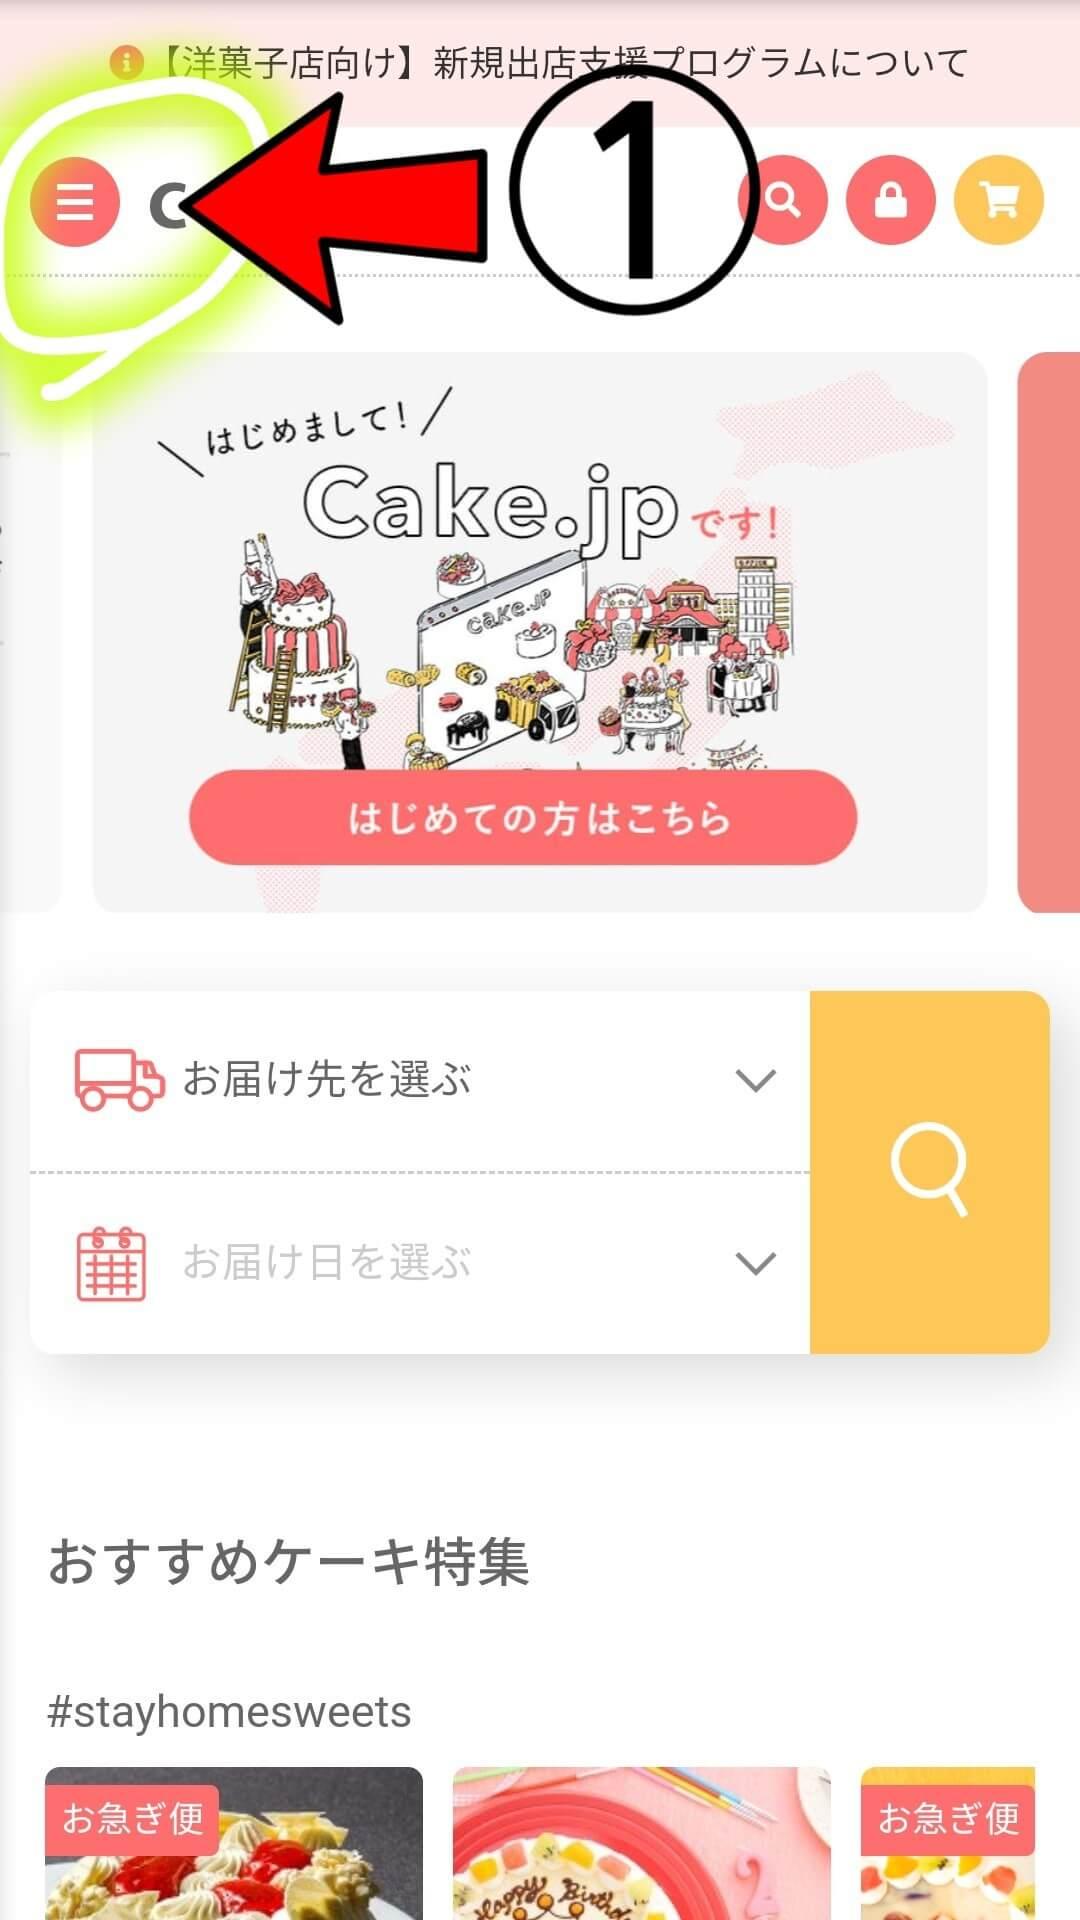 アレルギー対応のキャラクターケーキを選べる!